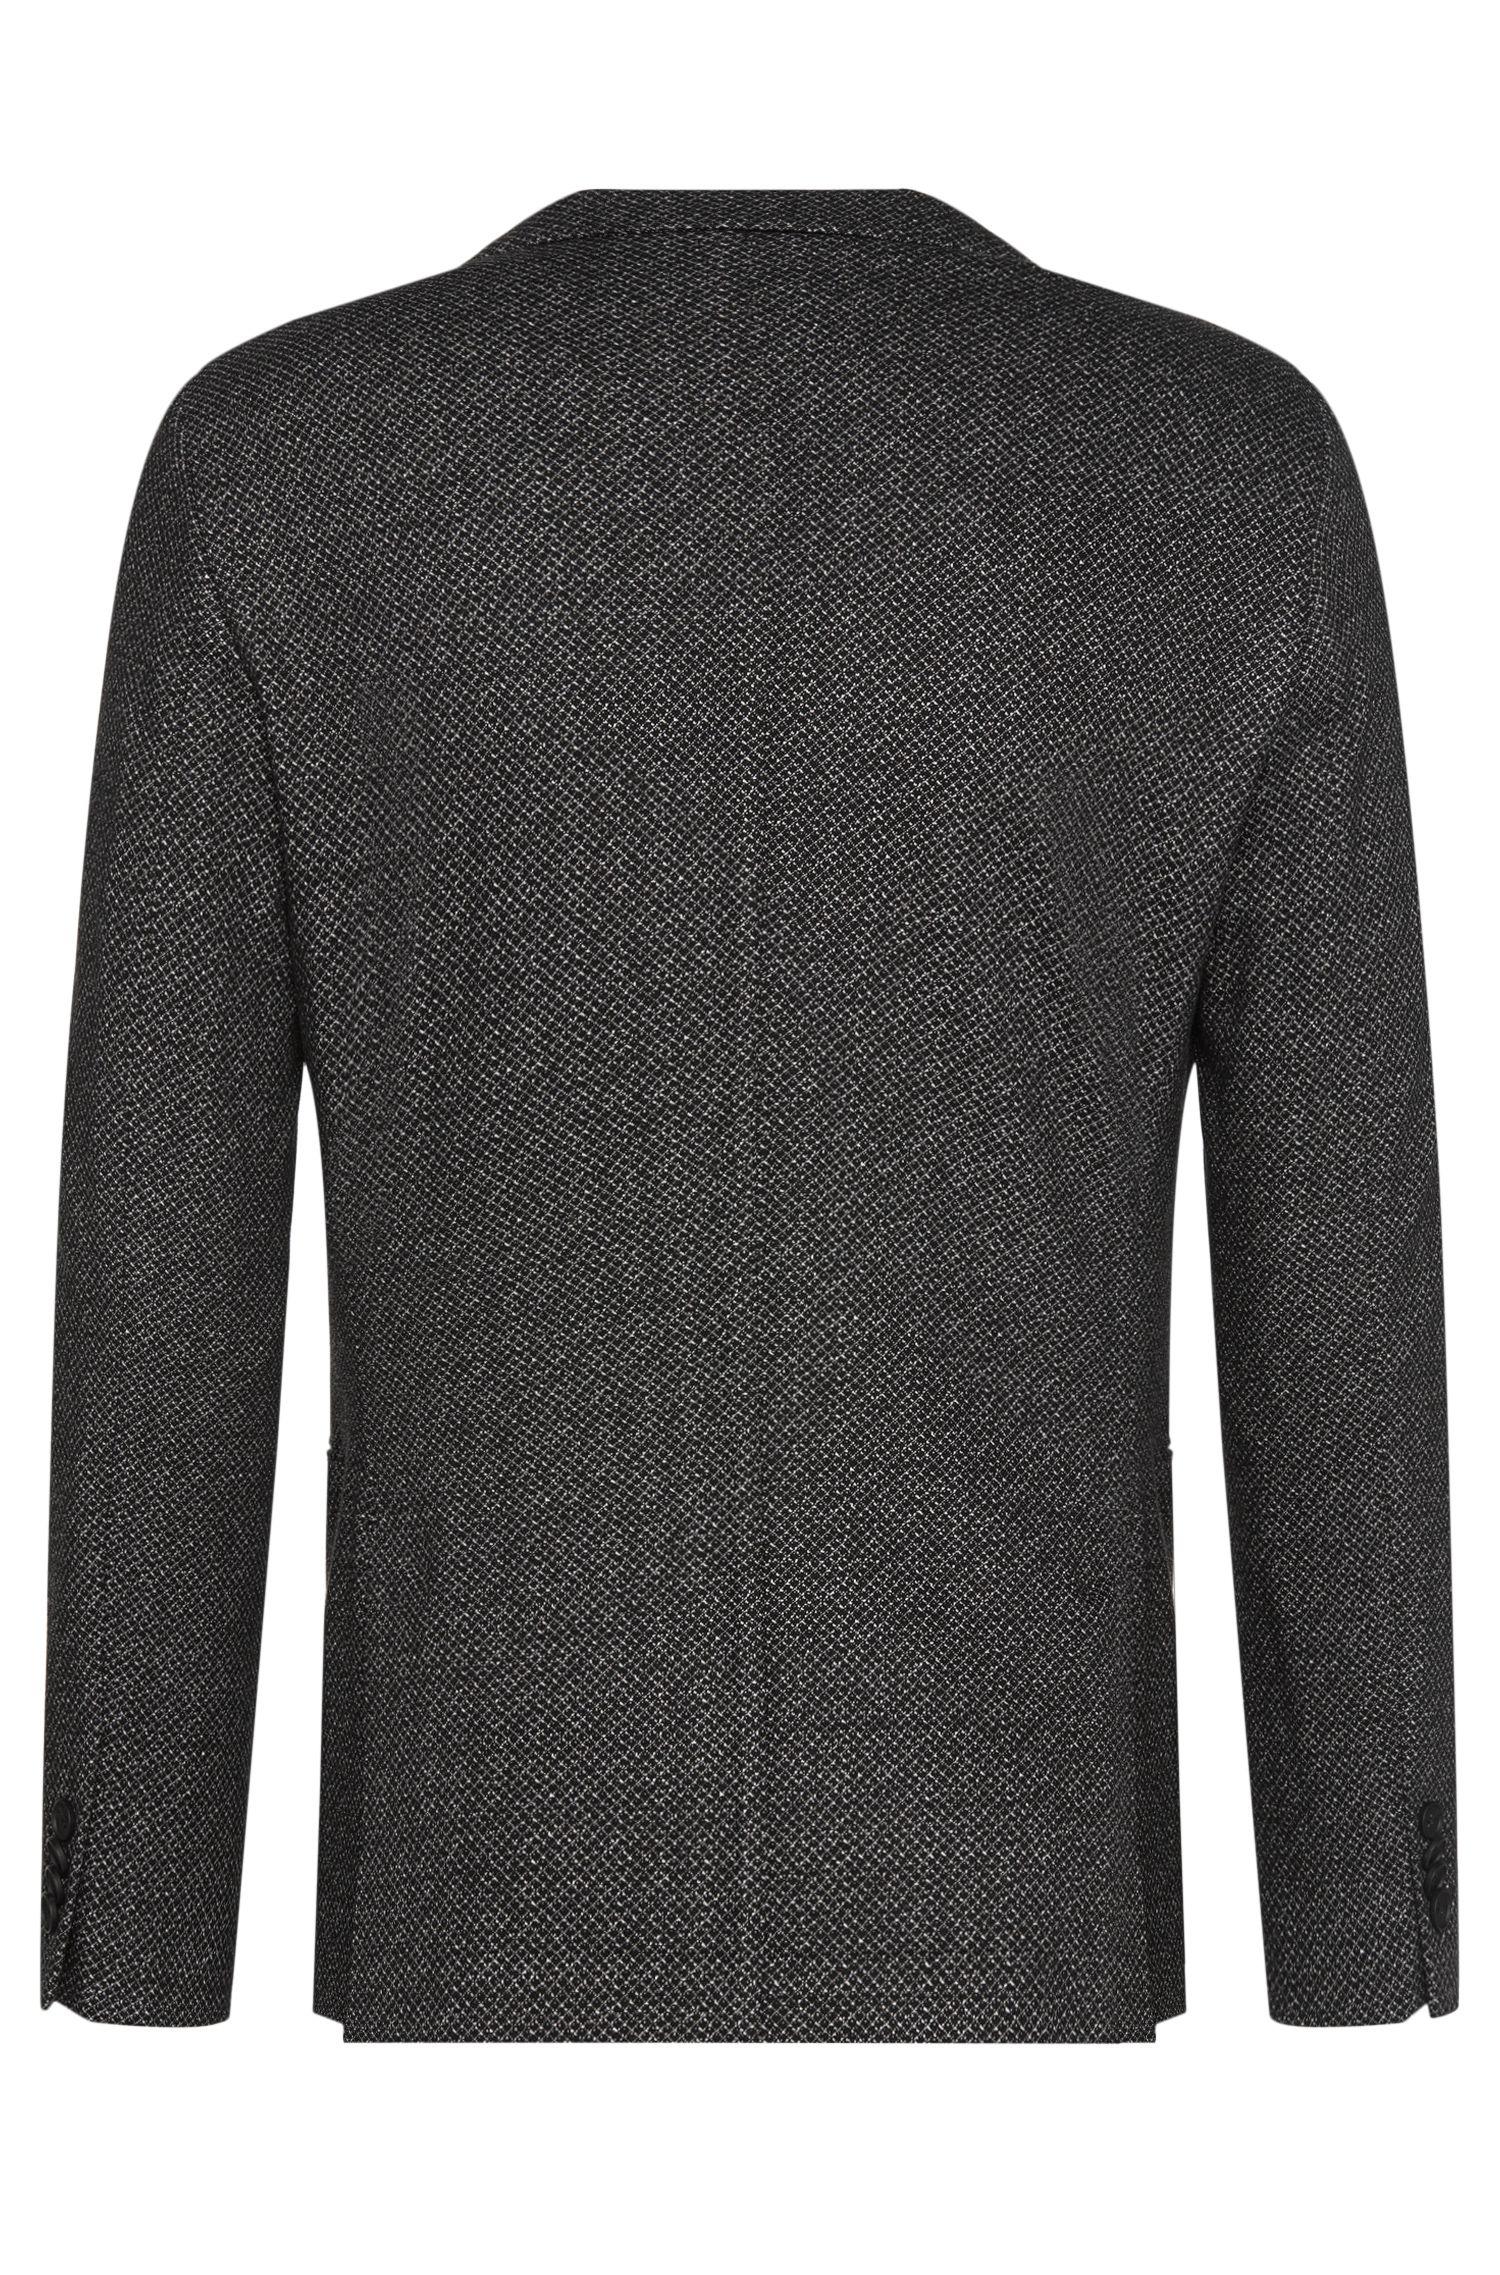 Patterned Jersey Sport Coat, Slim Fit | Norwin